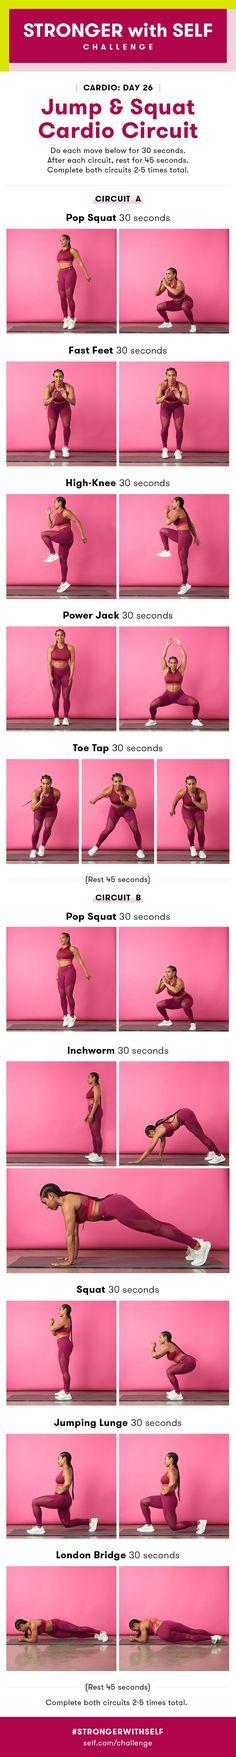 Jump and Squat Cardio Circuit